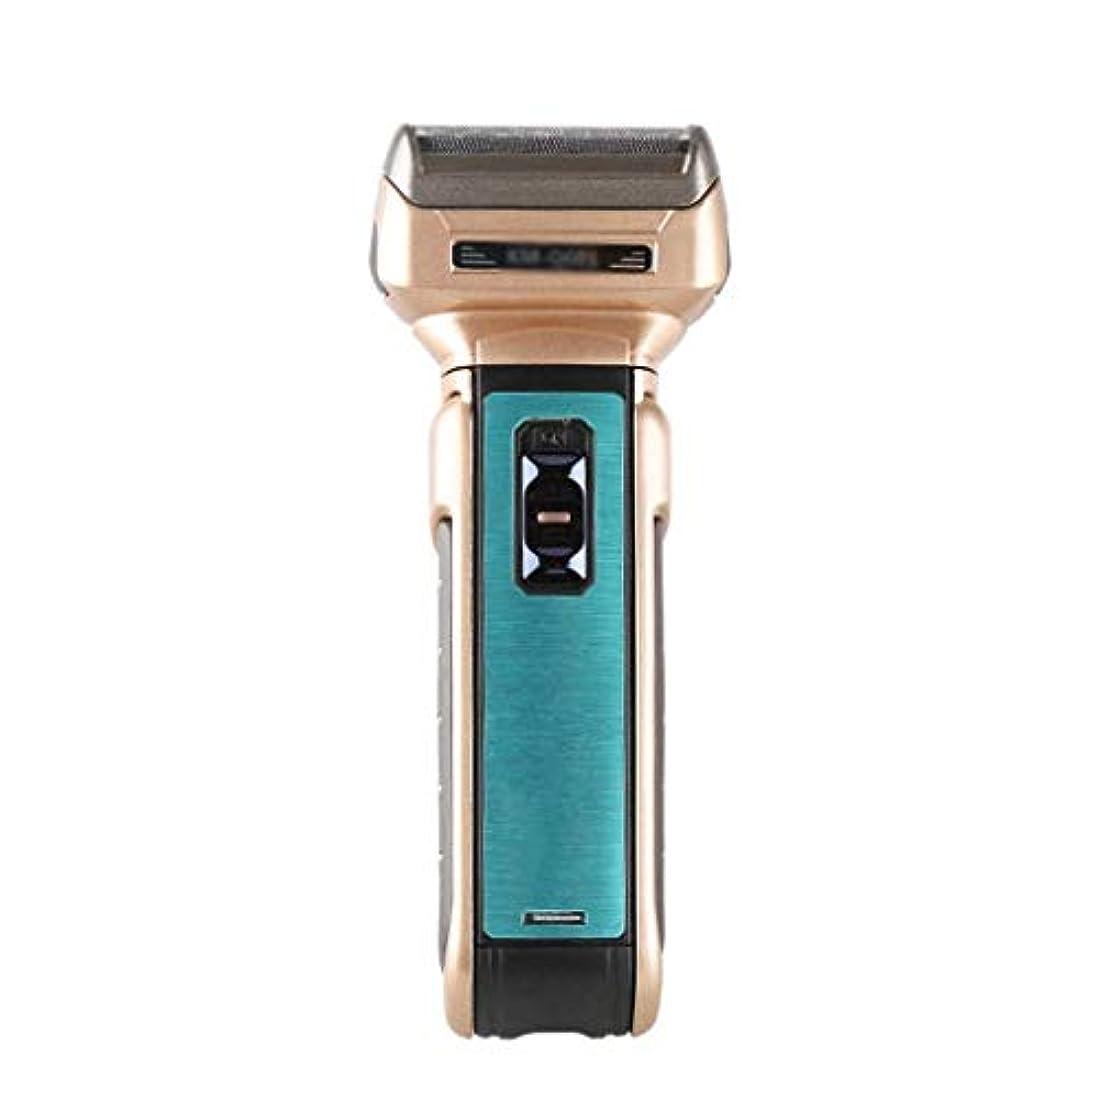 デコレーションシャープ聡明LXTXD 精密トリマー付きウェット&ドライメンズ電気シェーバー